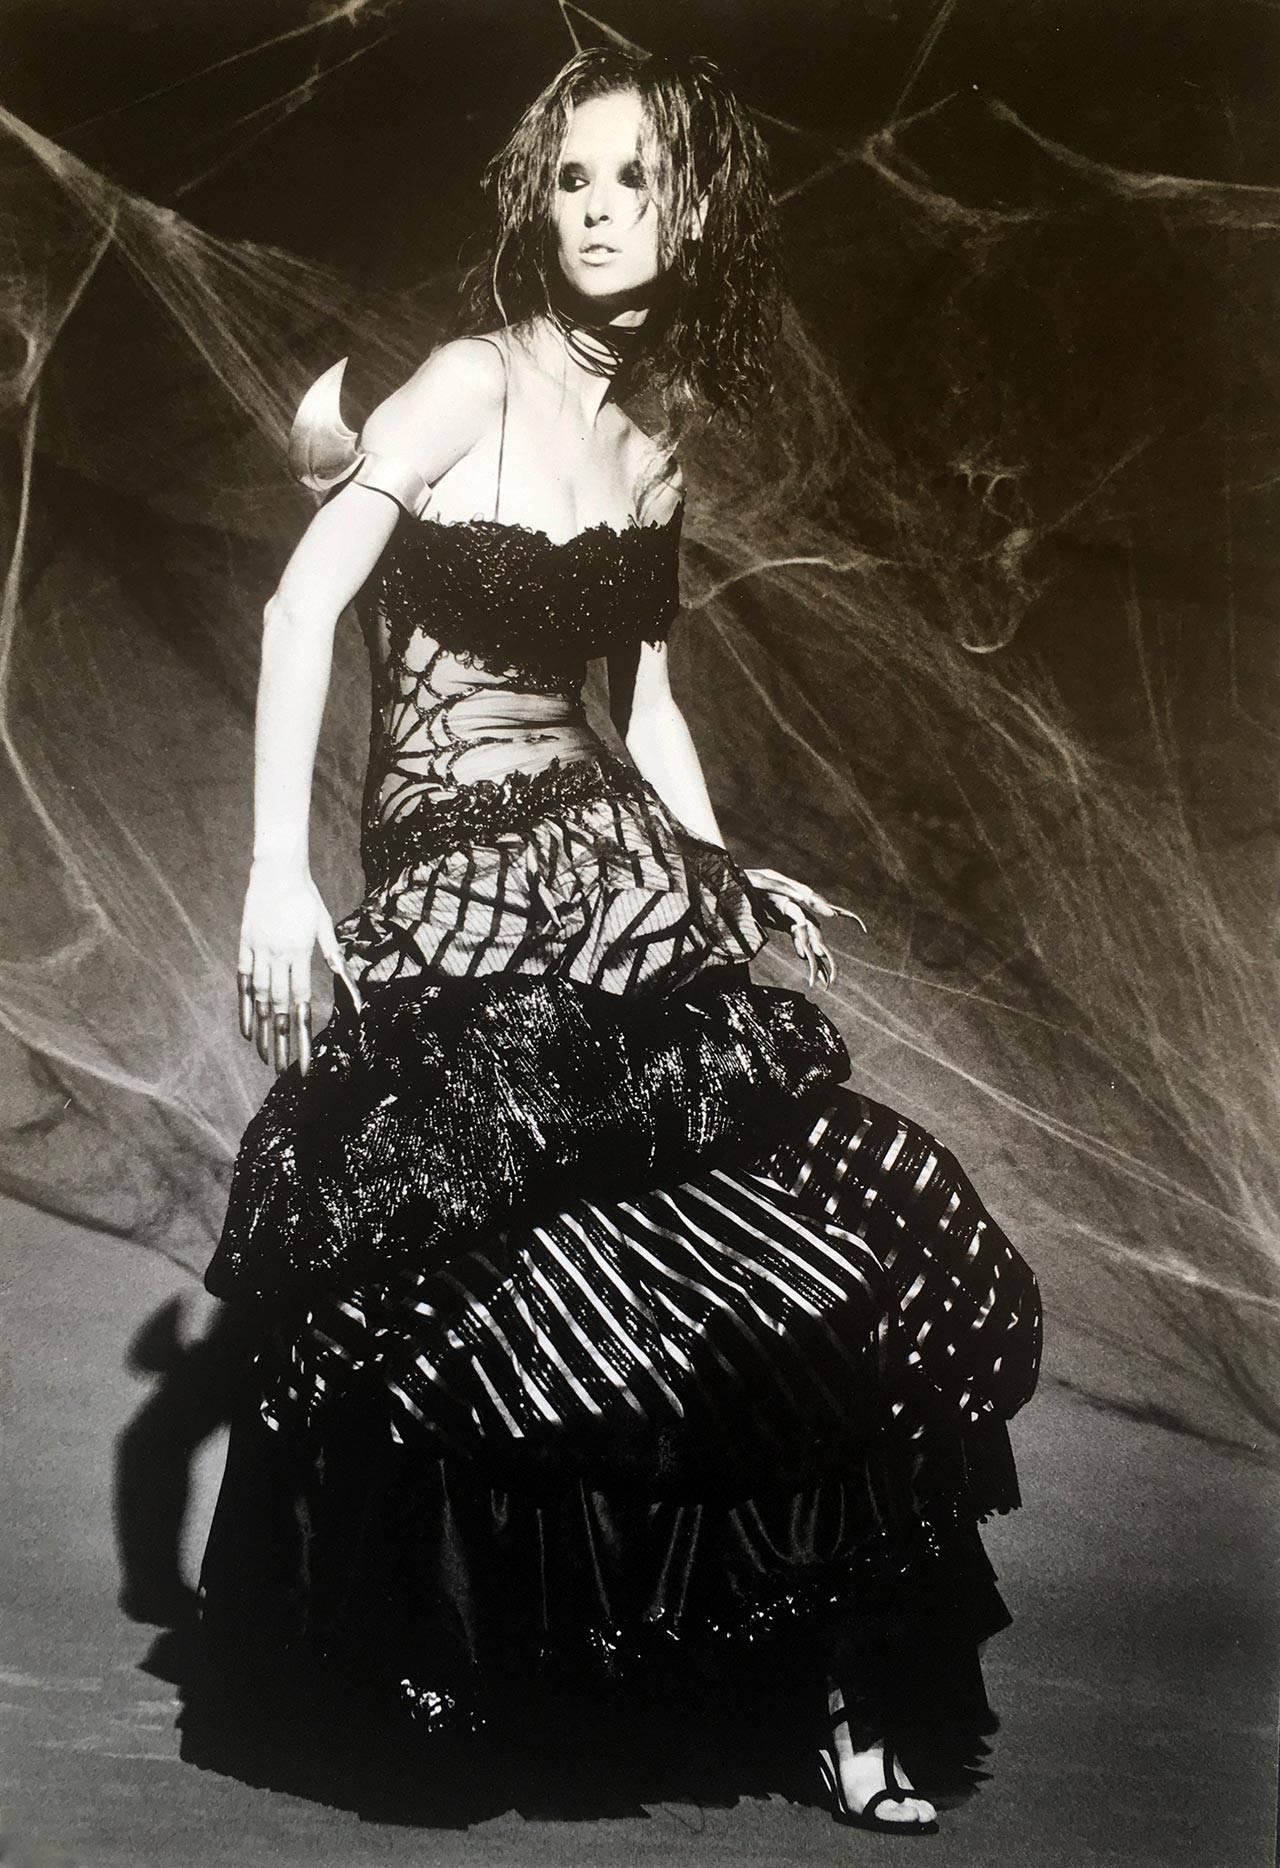 אשת העכביש, פרויקט הגמר בשנקר